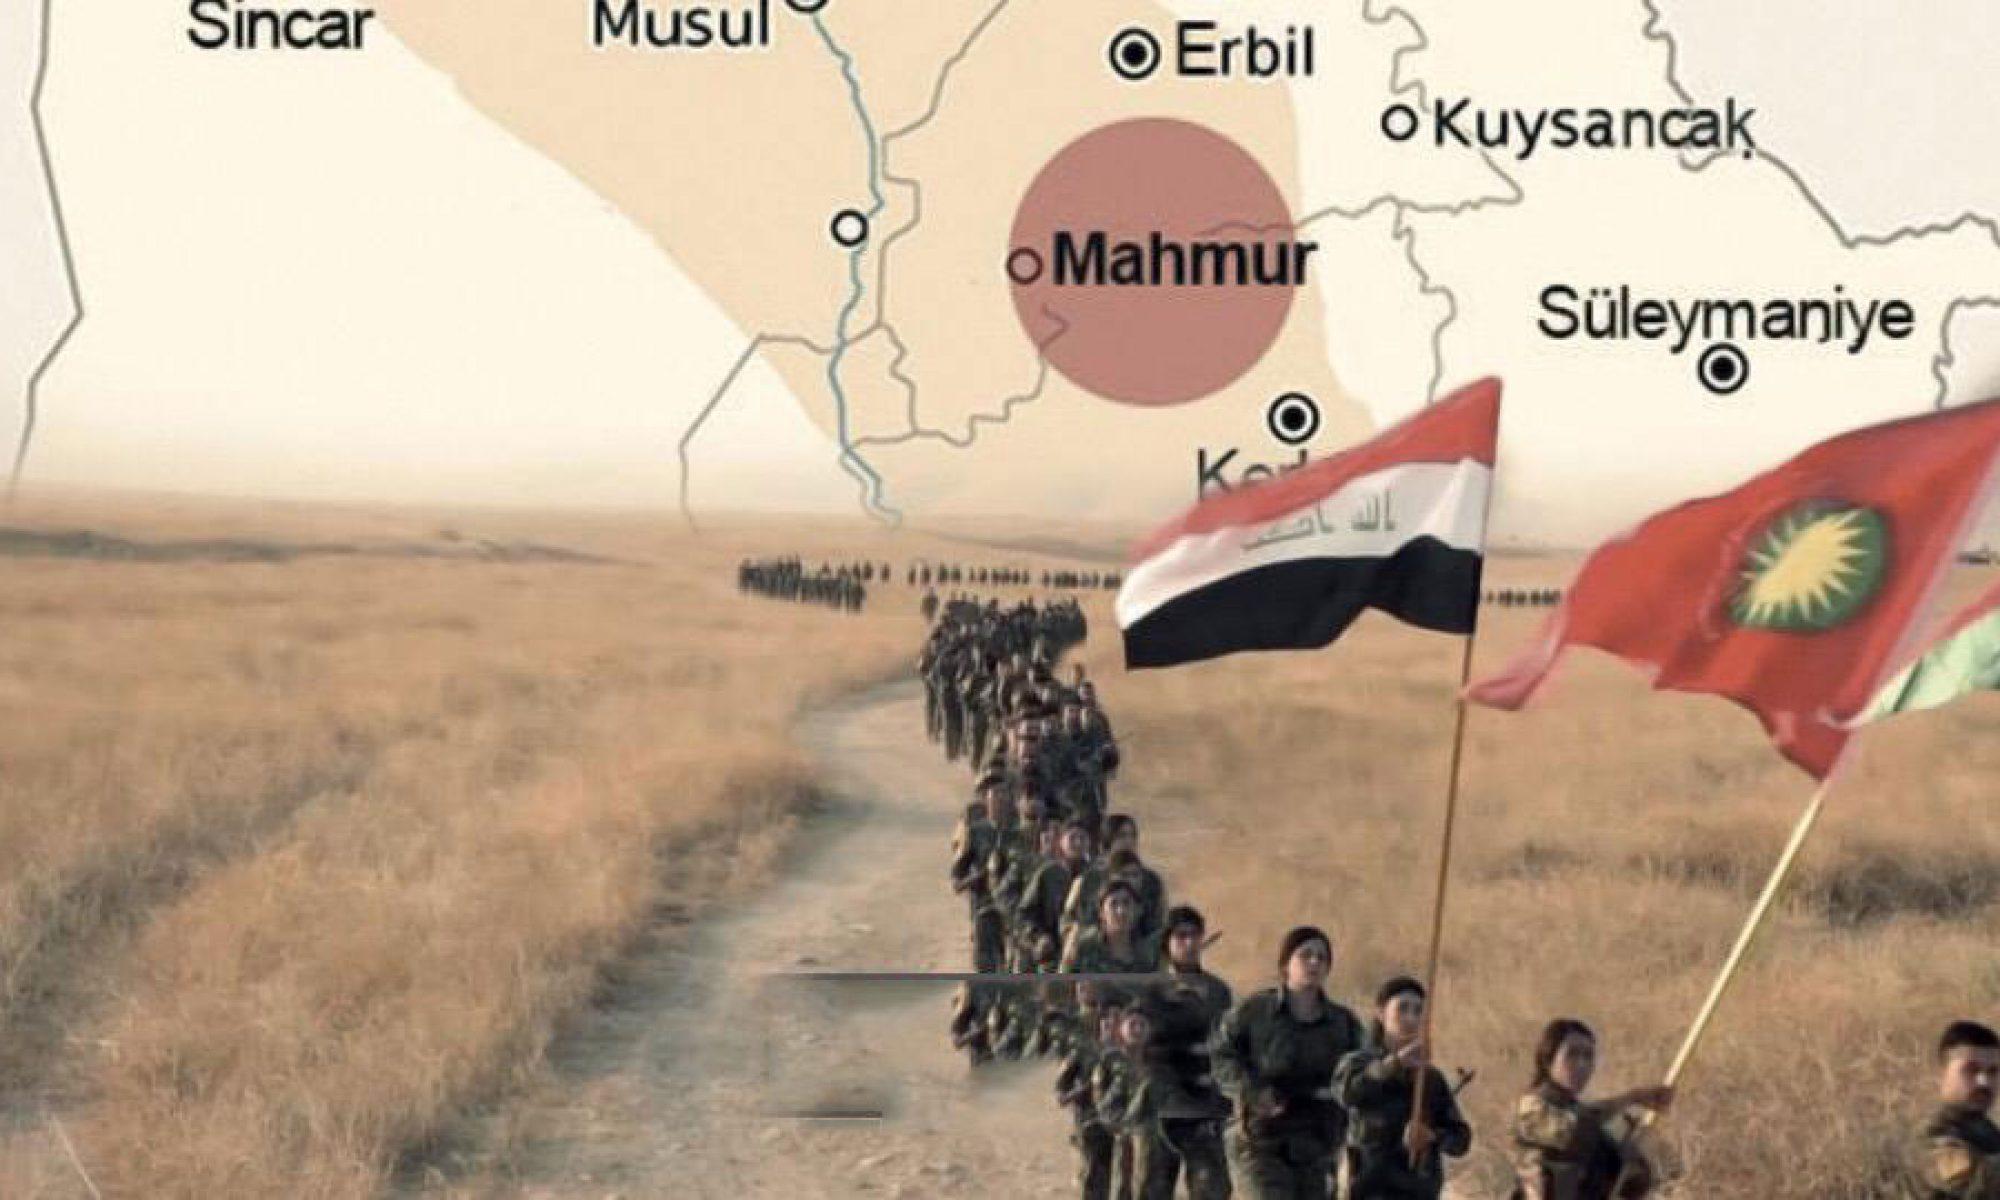 Zebari: Mahmur Kampı askeri amaçla kullanıldığı için 2003 yılından bu yana uluslararası gözetim altında